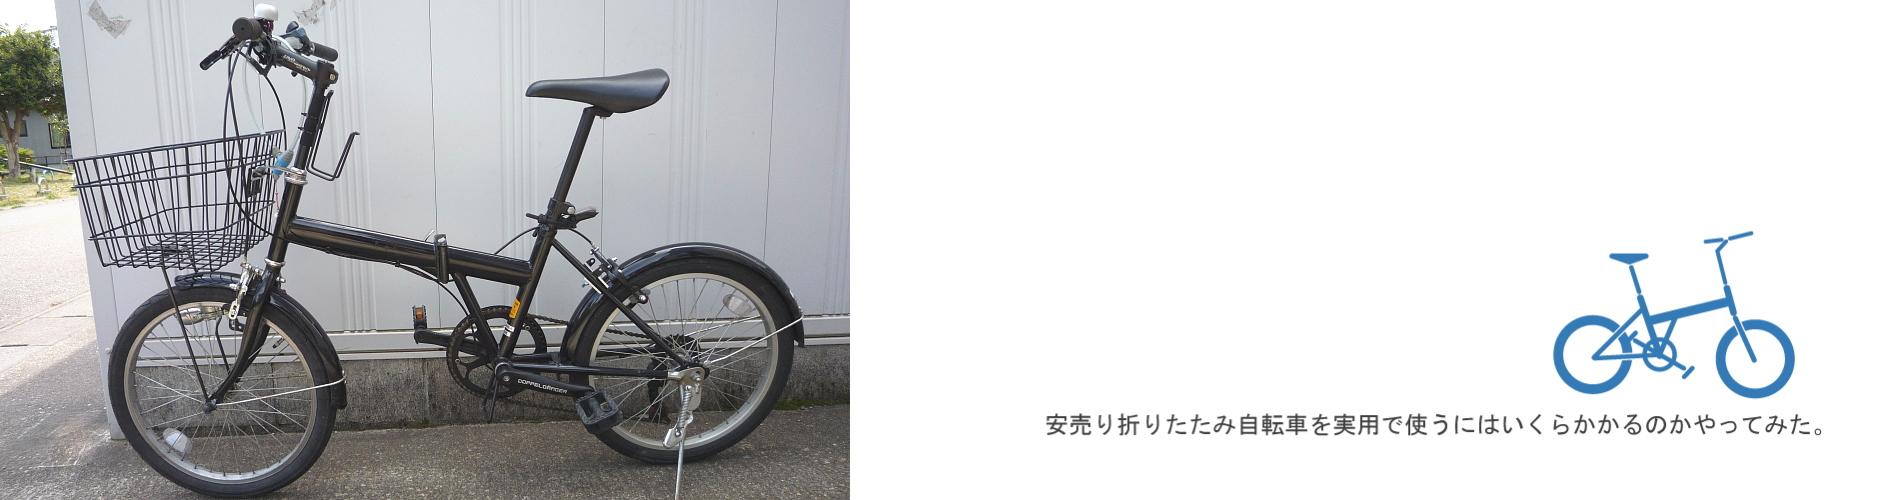 安売り折りたたみ自転車を実用で使うにはいくらかかるのかやってみた。